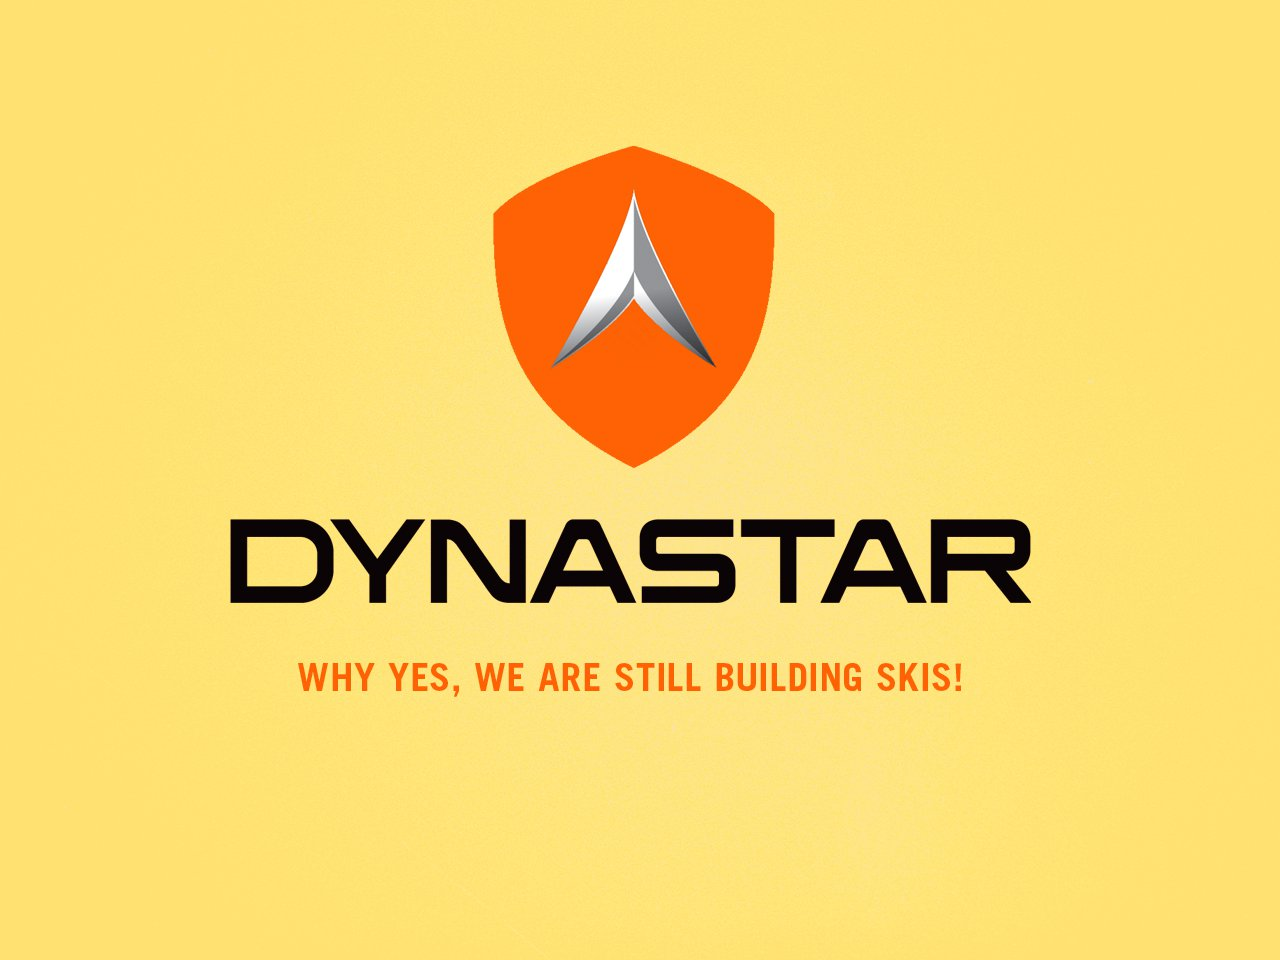 Honest Ski Company Slogans - Dynastar